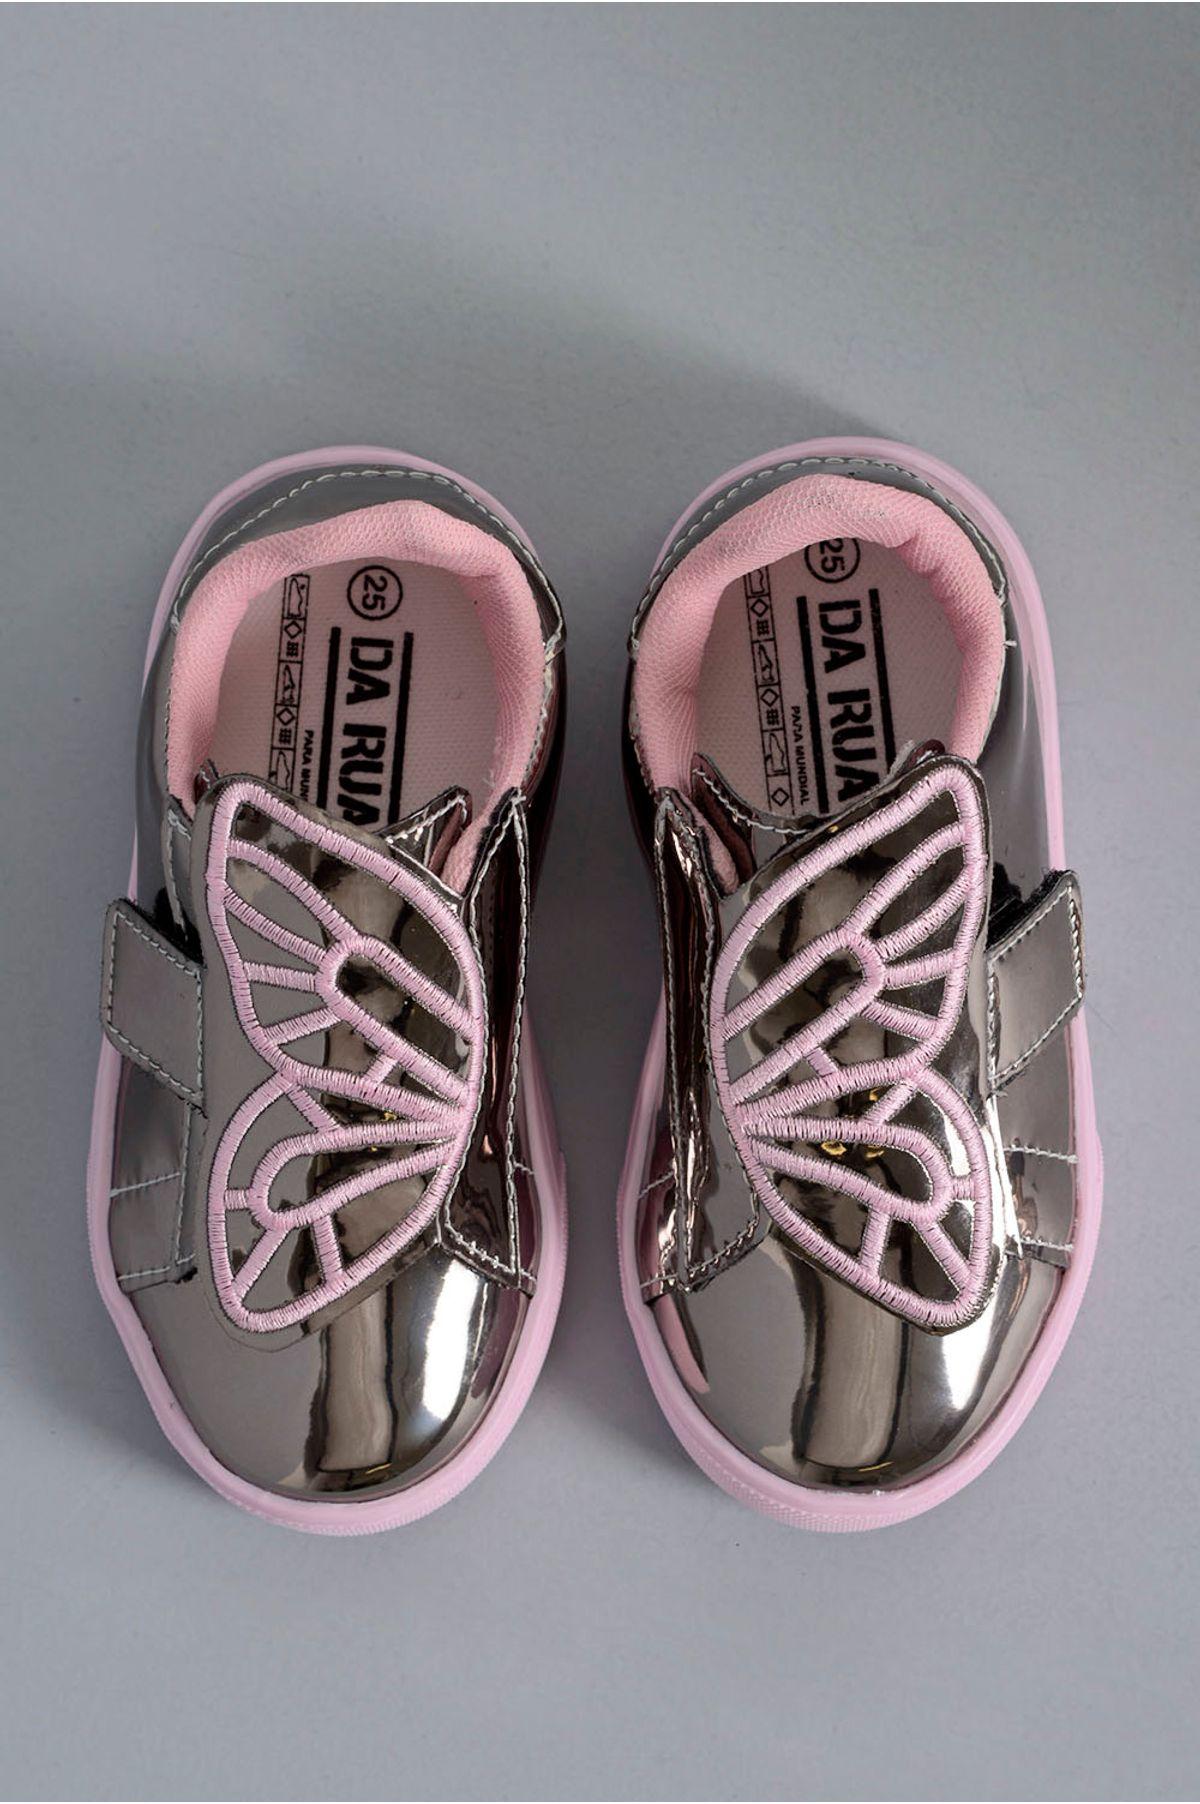 5c1e7e22e8a Tênis Infantil Butterfly Da Rua SINT - ONIX - Mundial Calçados